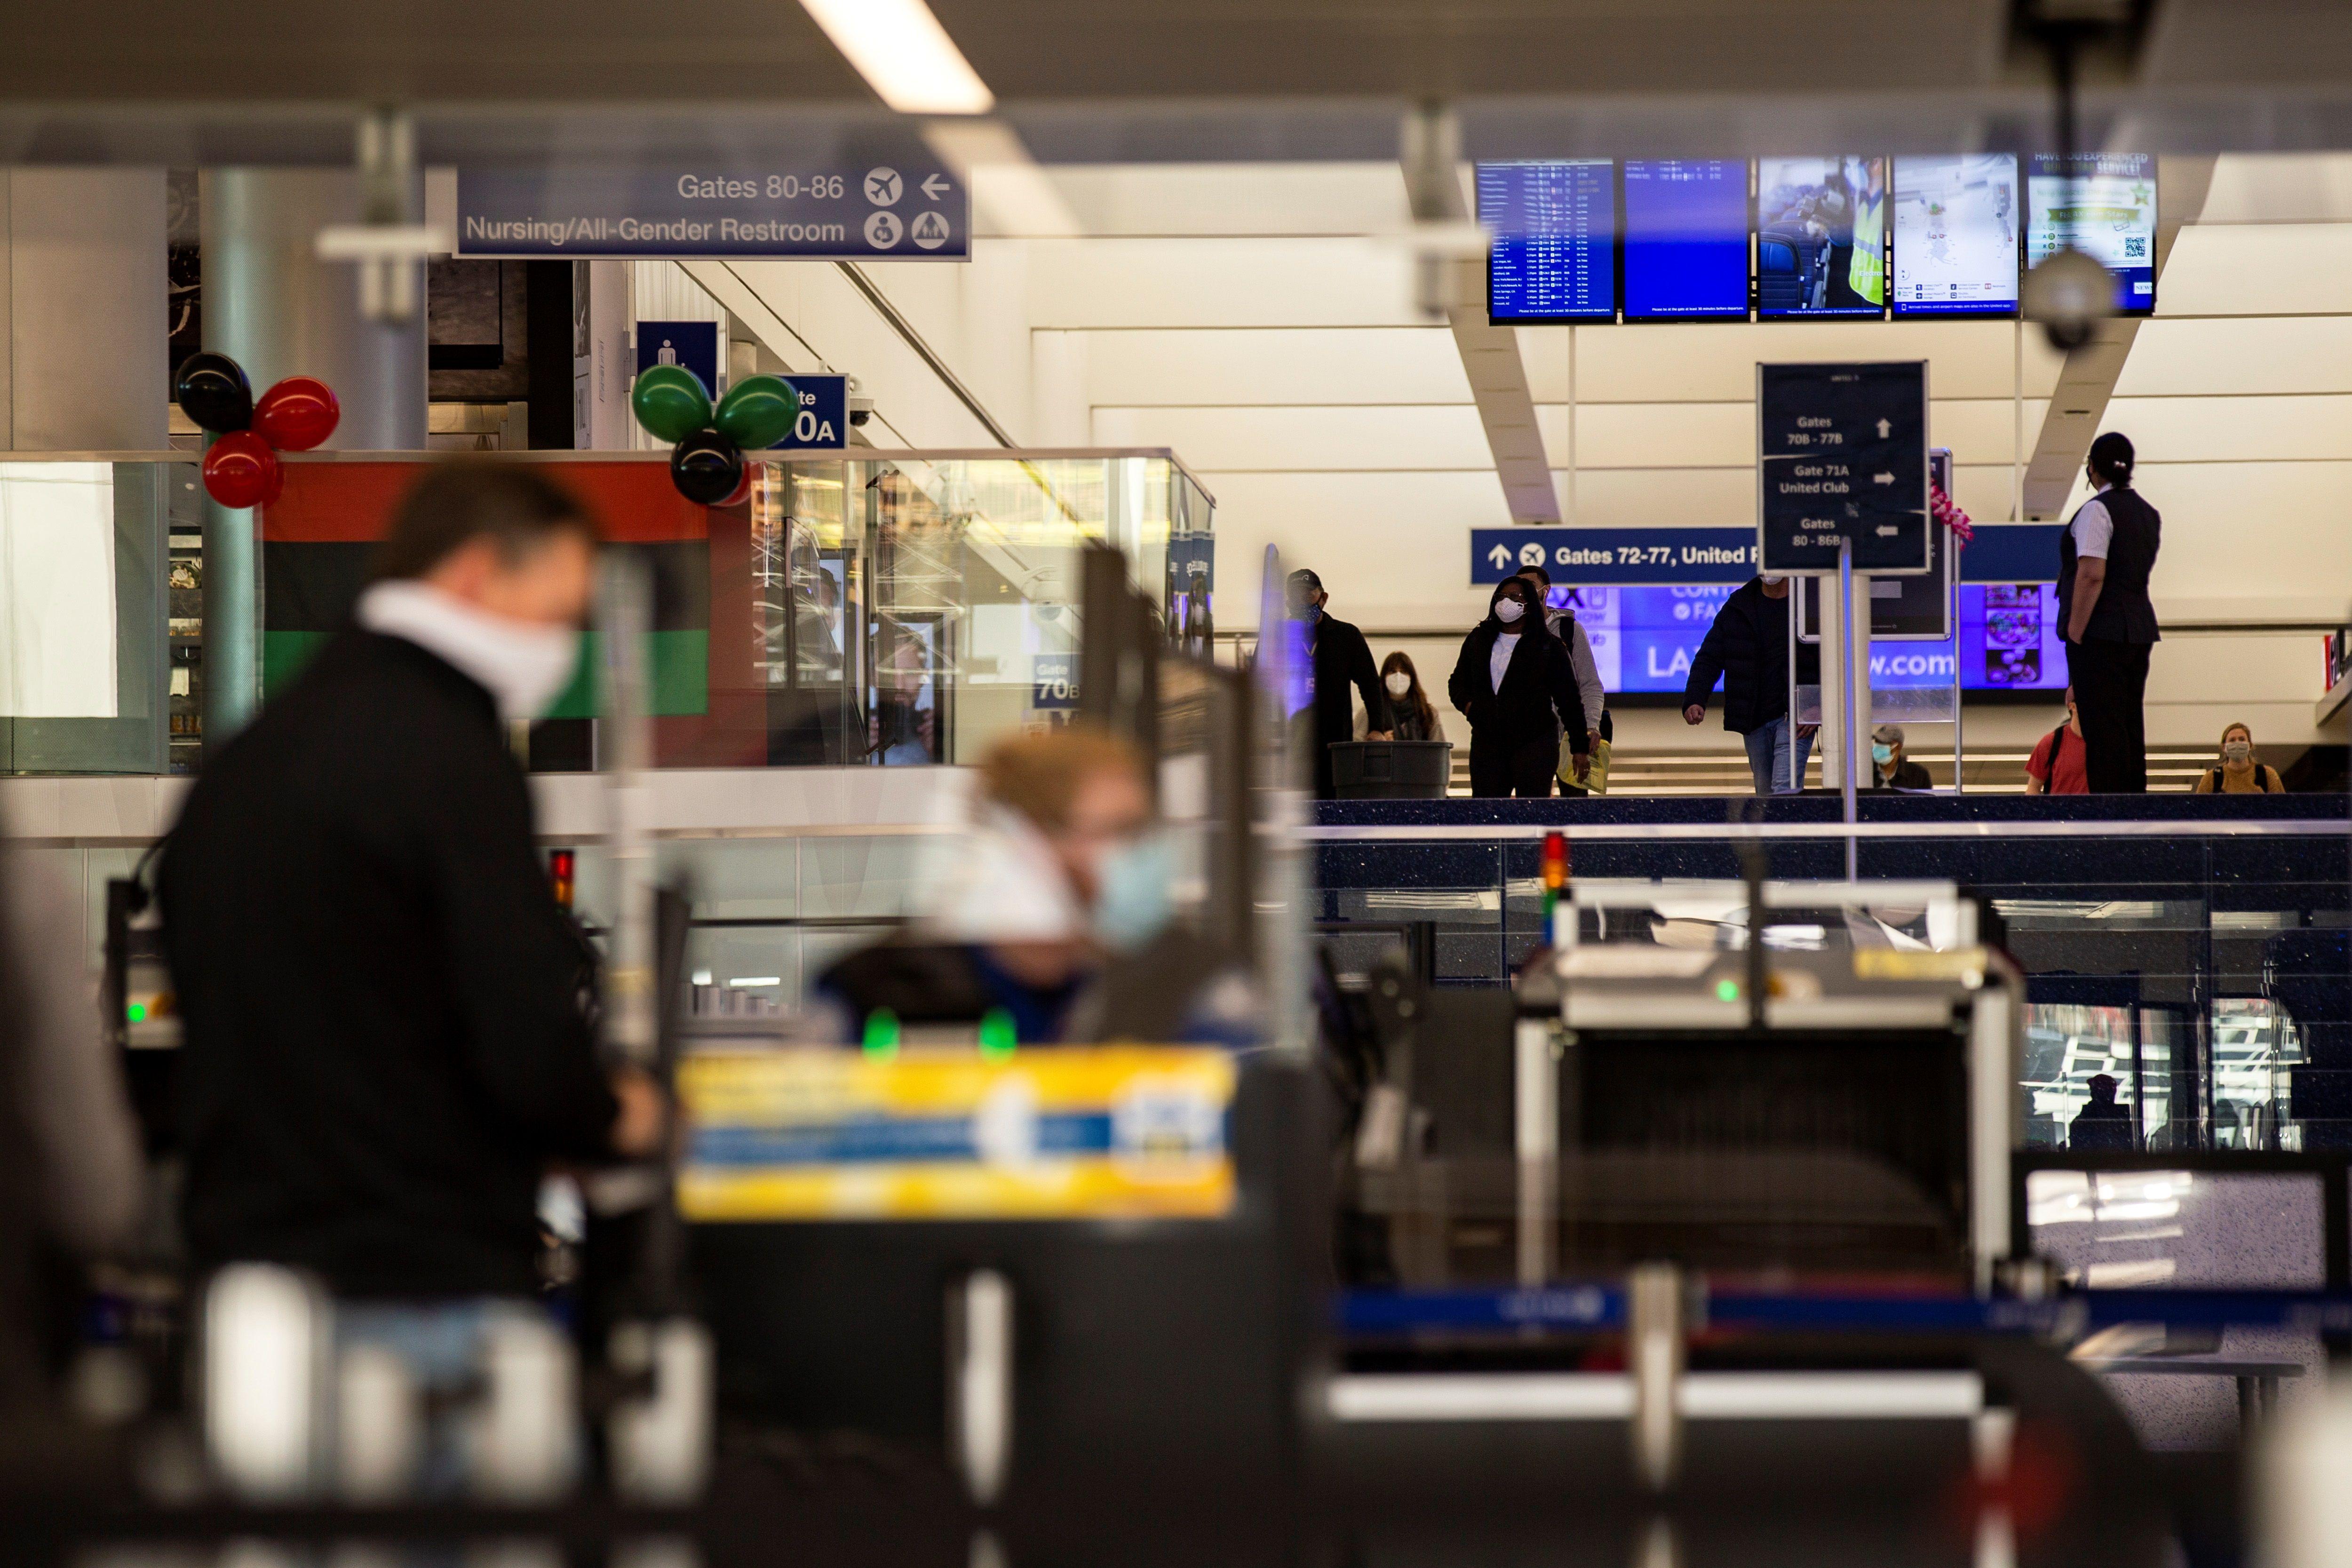 Pasajeros pasando por un control aeroportuario. EFE/EPA/ETIENNE LAURENT/Archivo